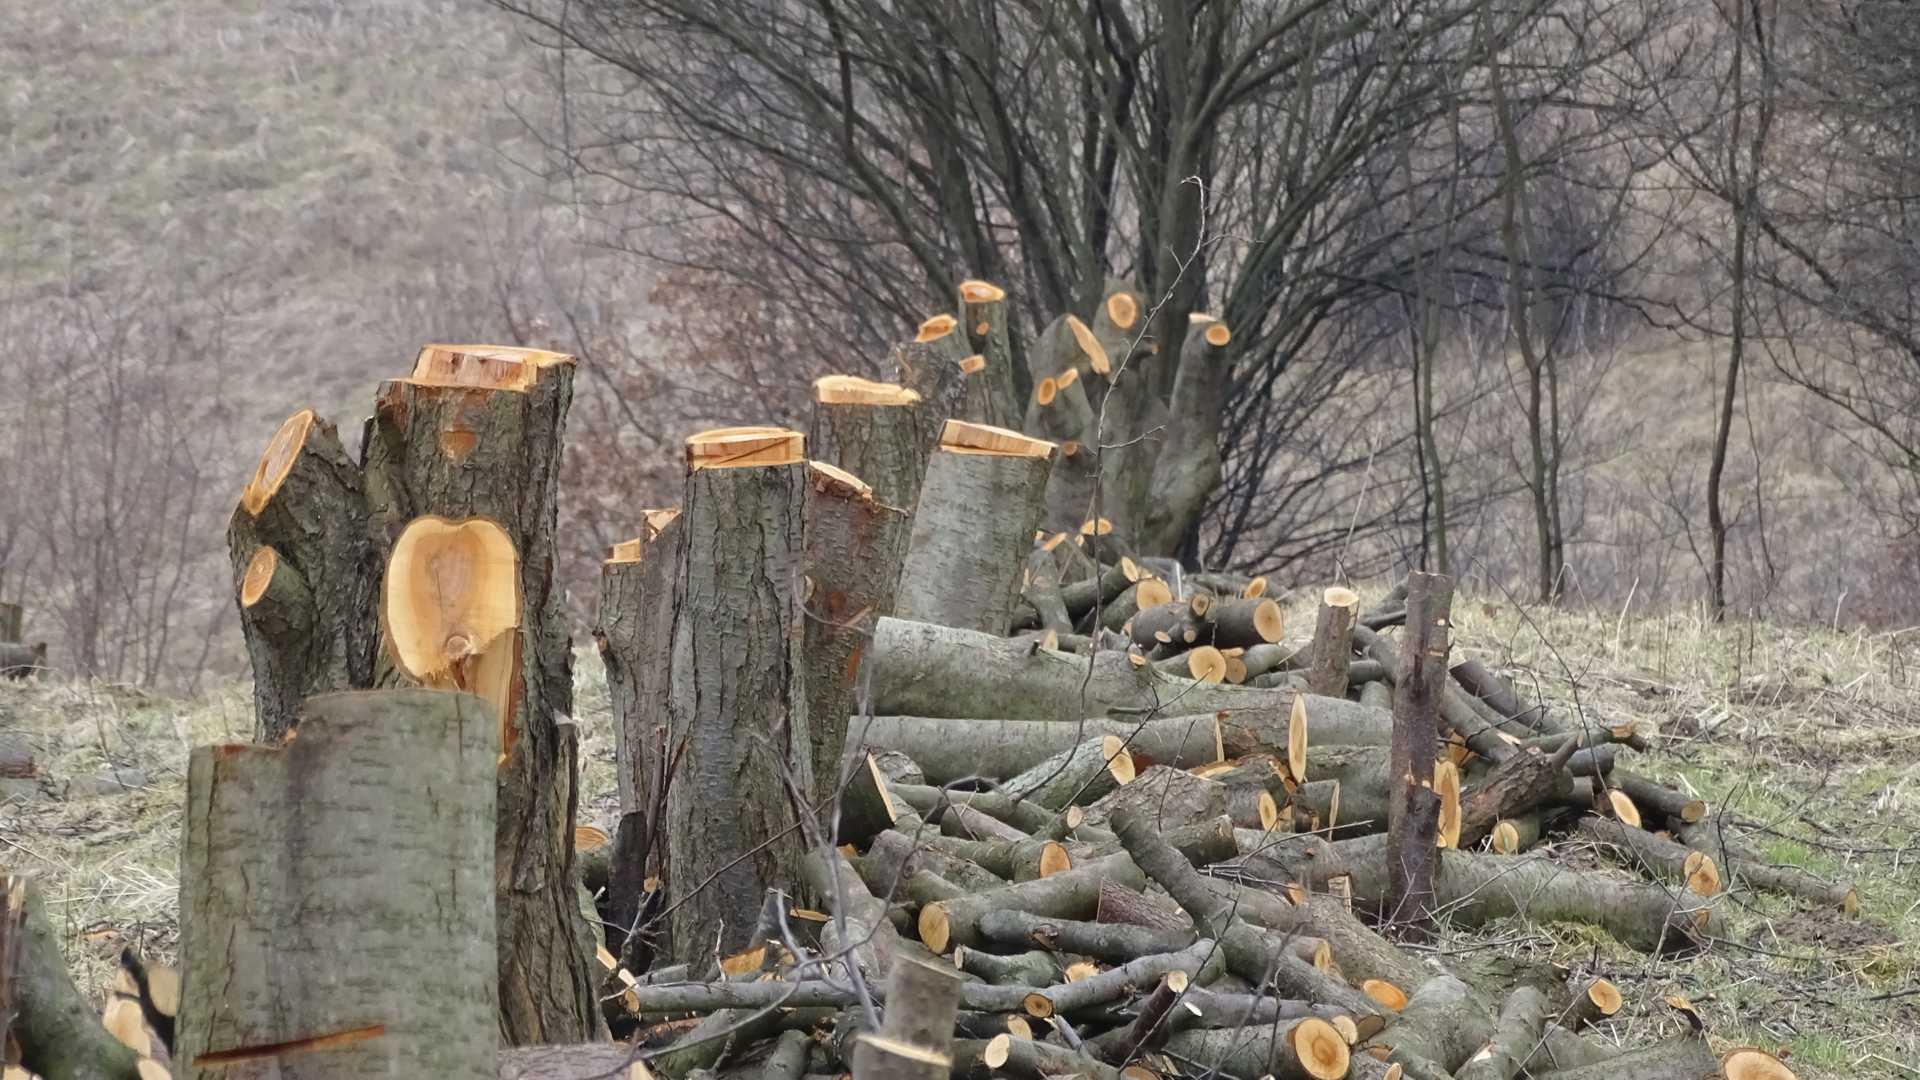 Przygotowanie do wyrywania pni z korzeniami